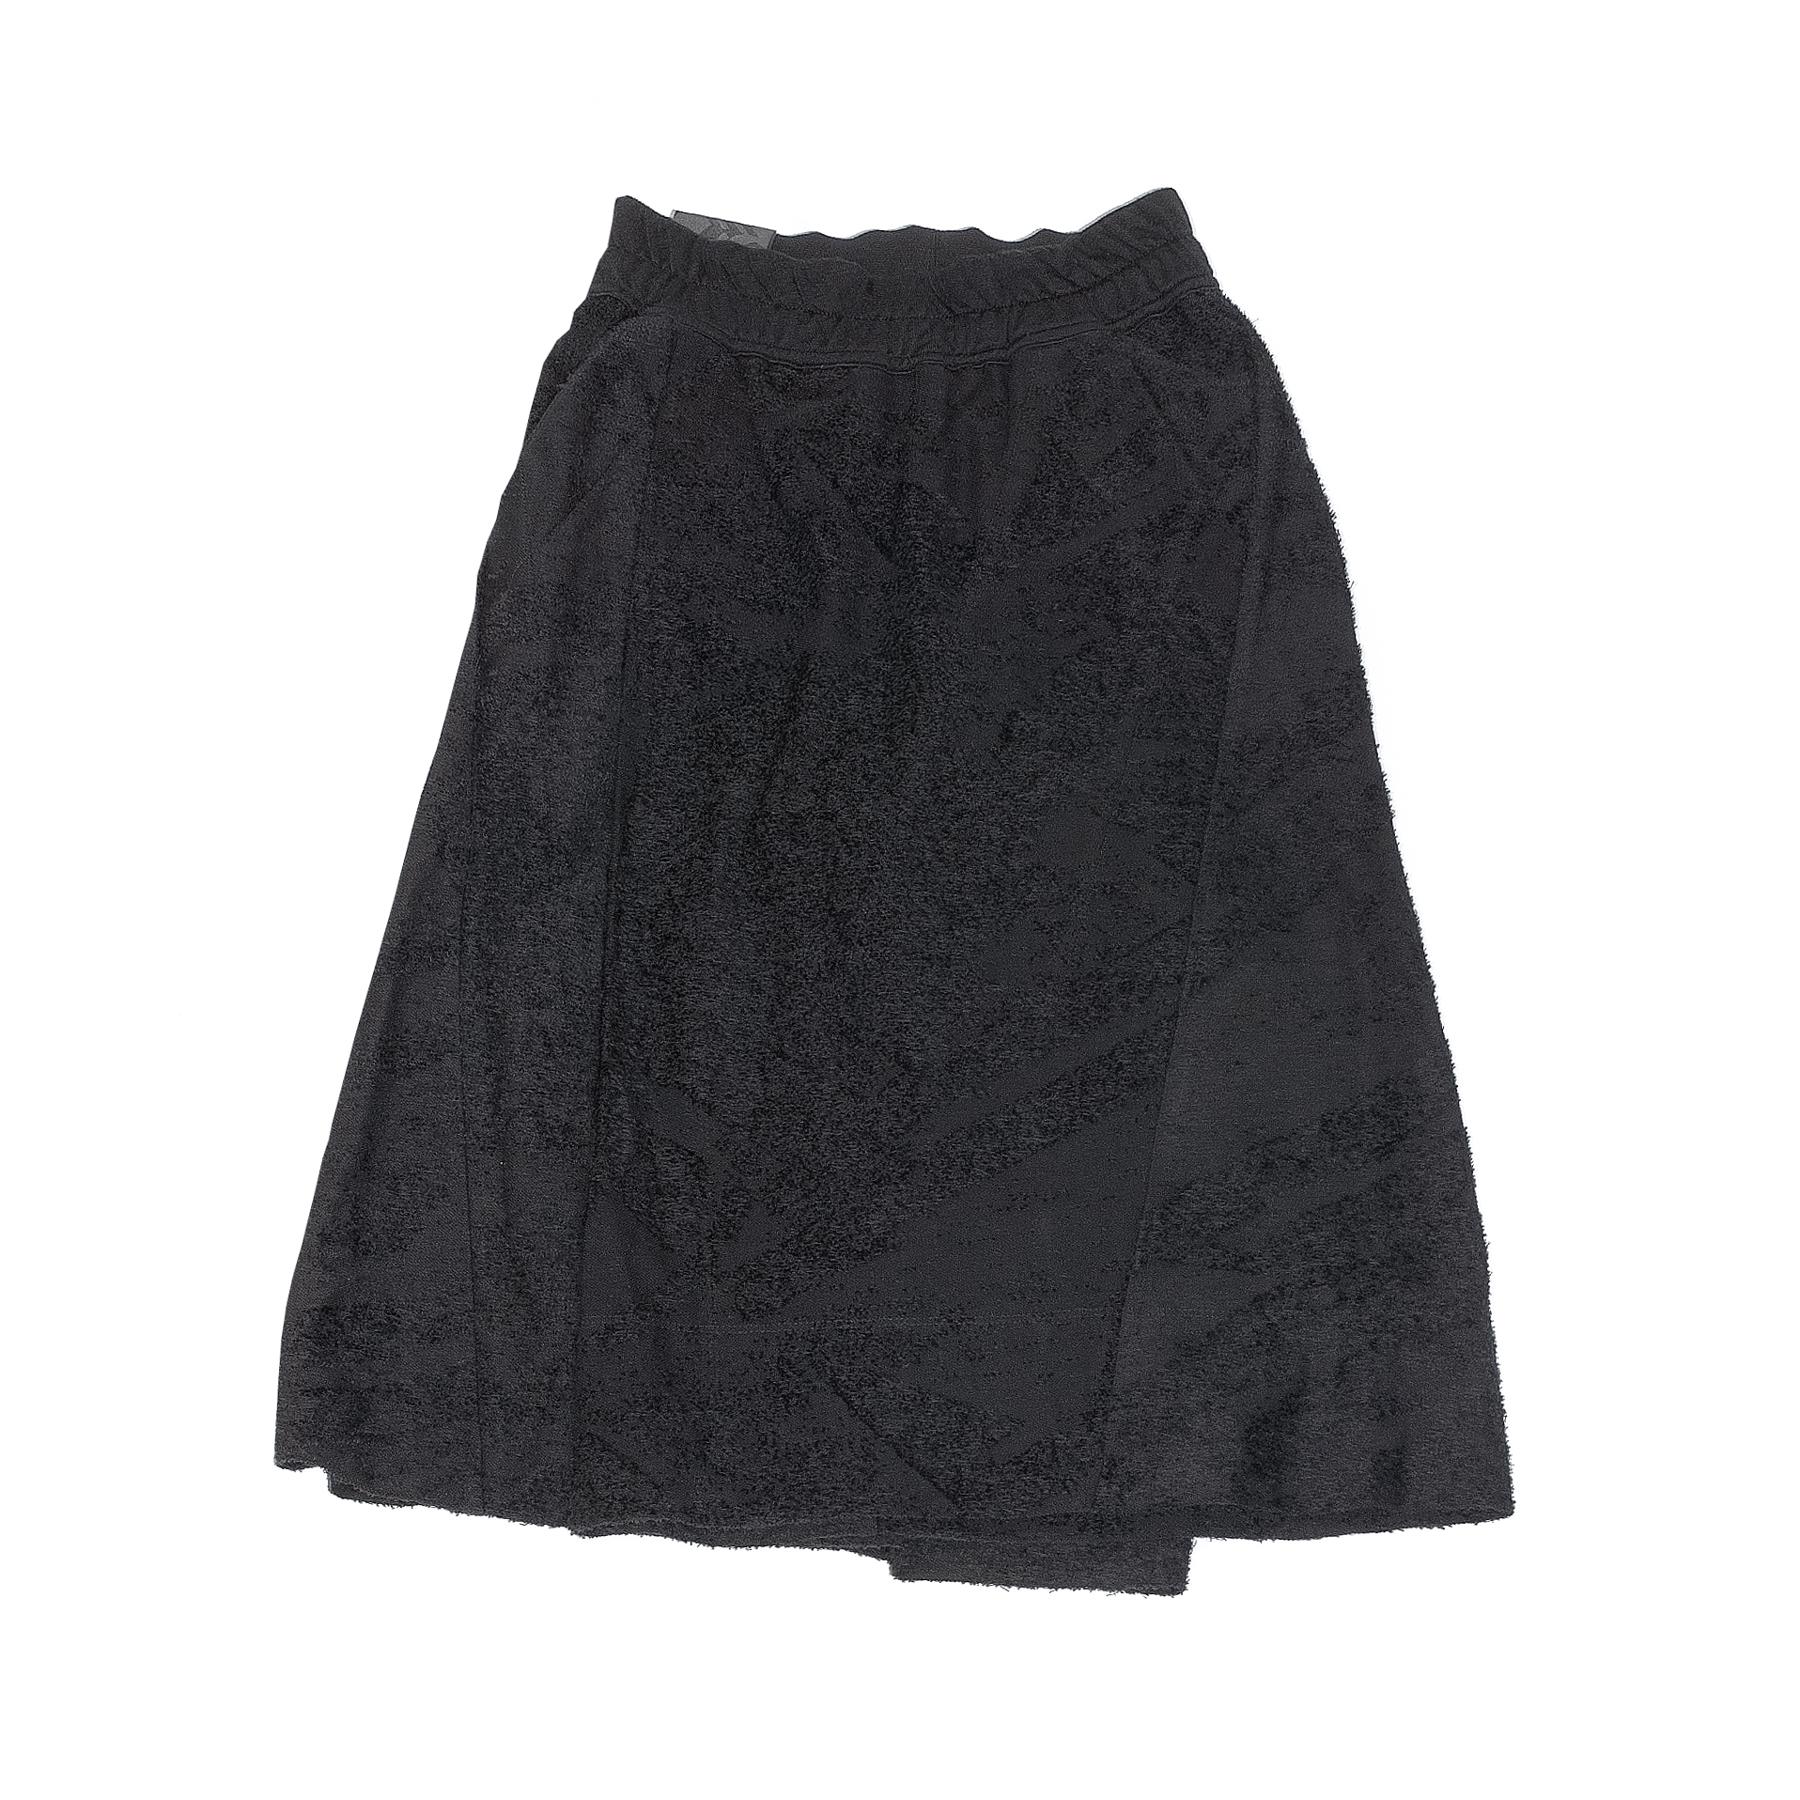 540PAM2-BLACK / ハカマパンツ